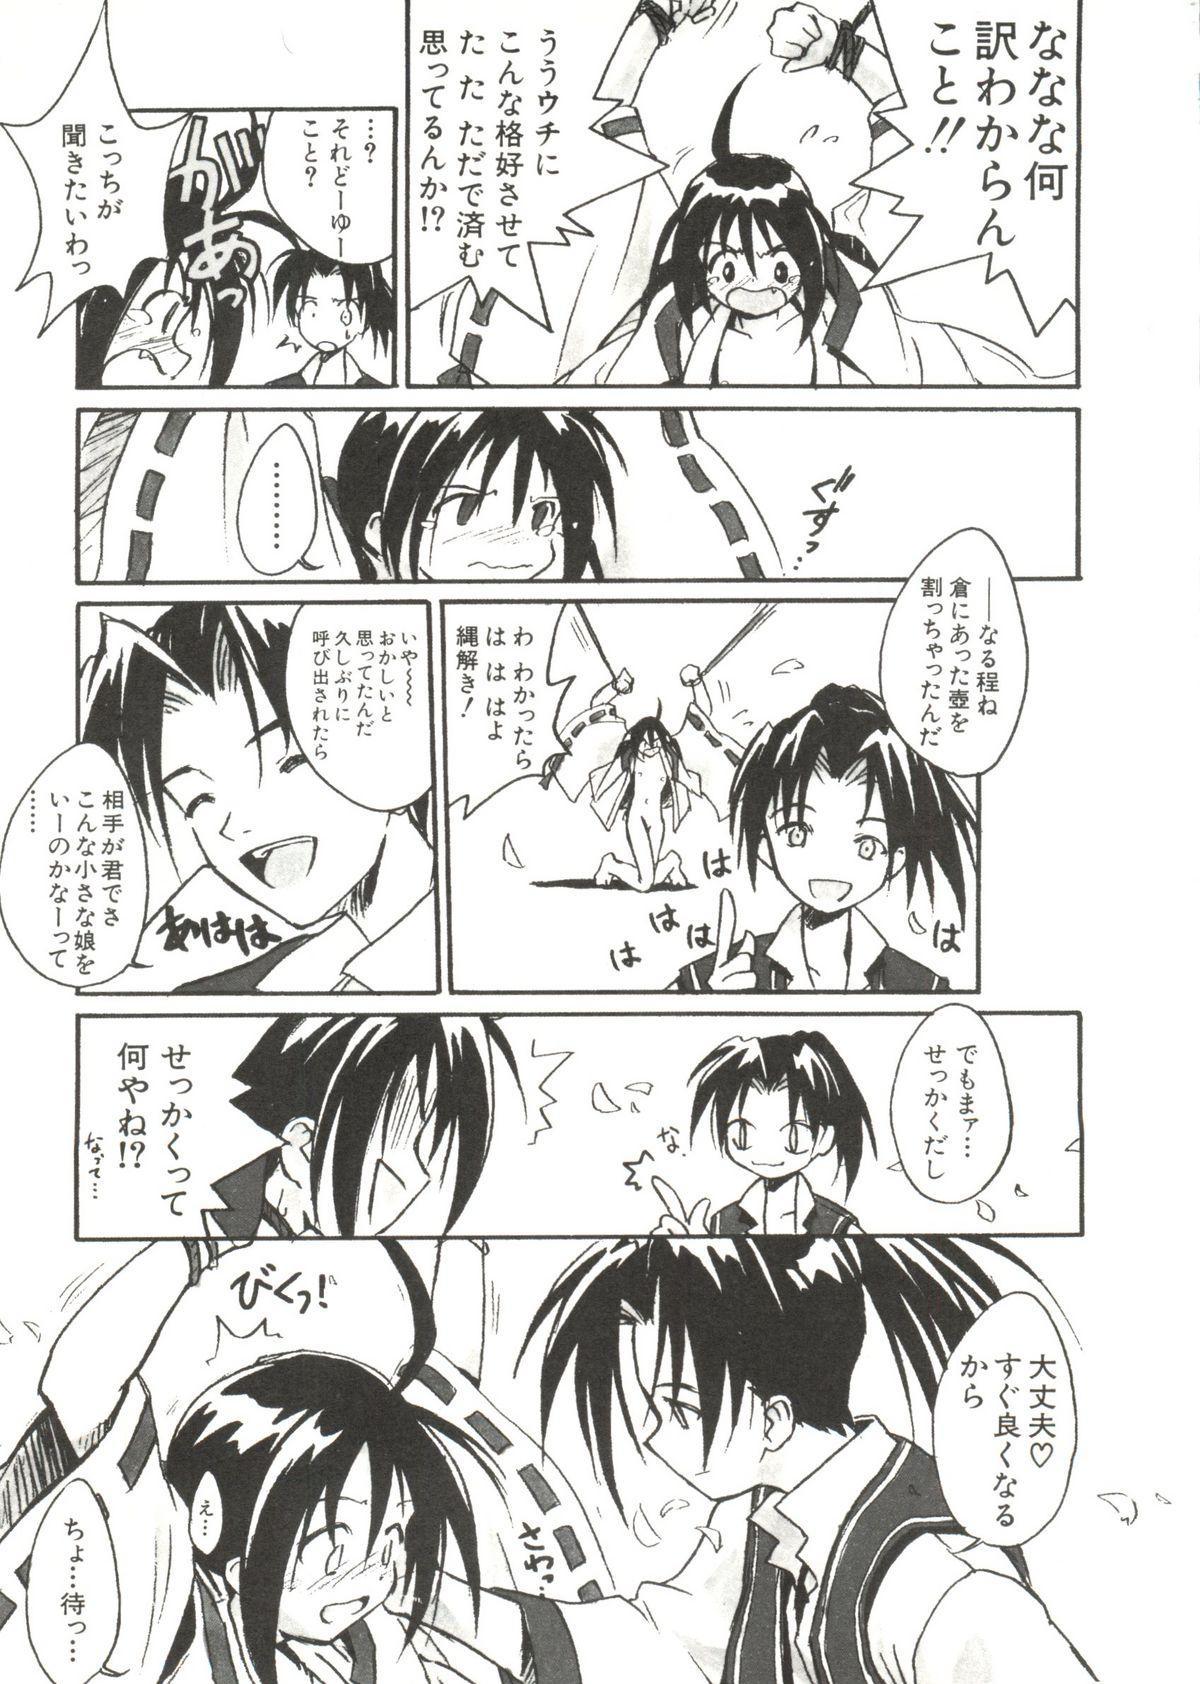 Denei Tamate Bako Bishoujo Doujinshi Anthology Vol. 2 - Nishinhou no Tenshi 12